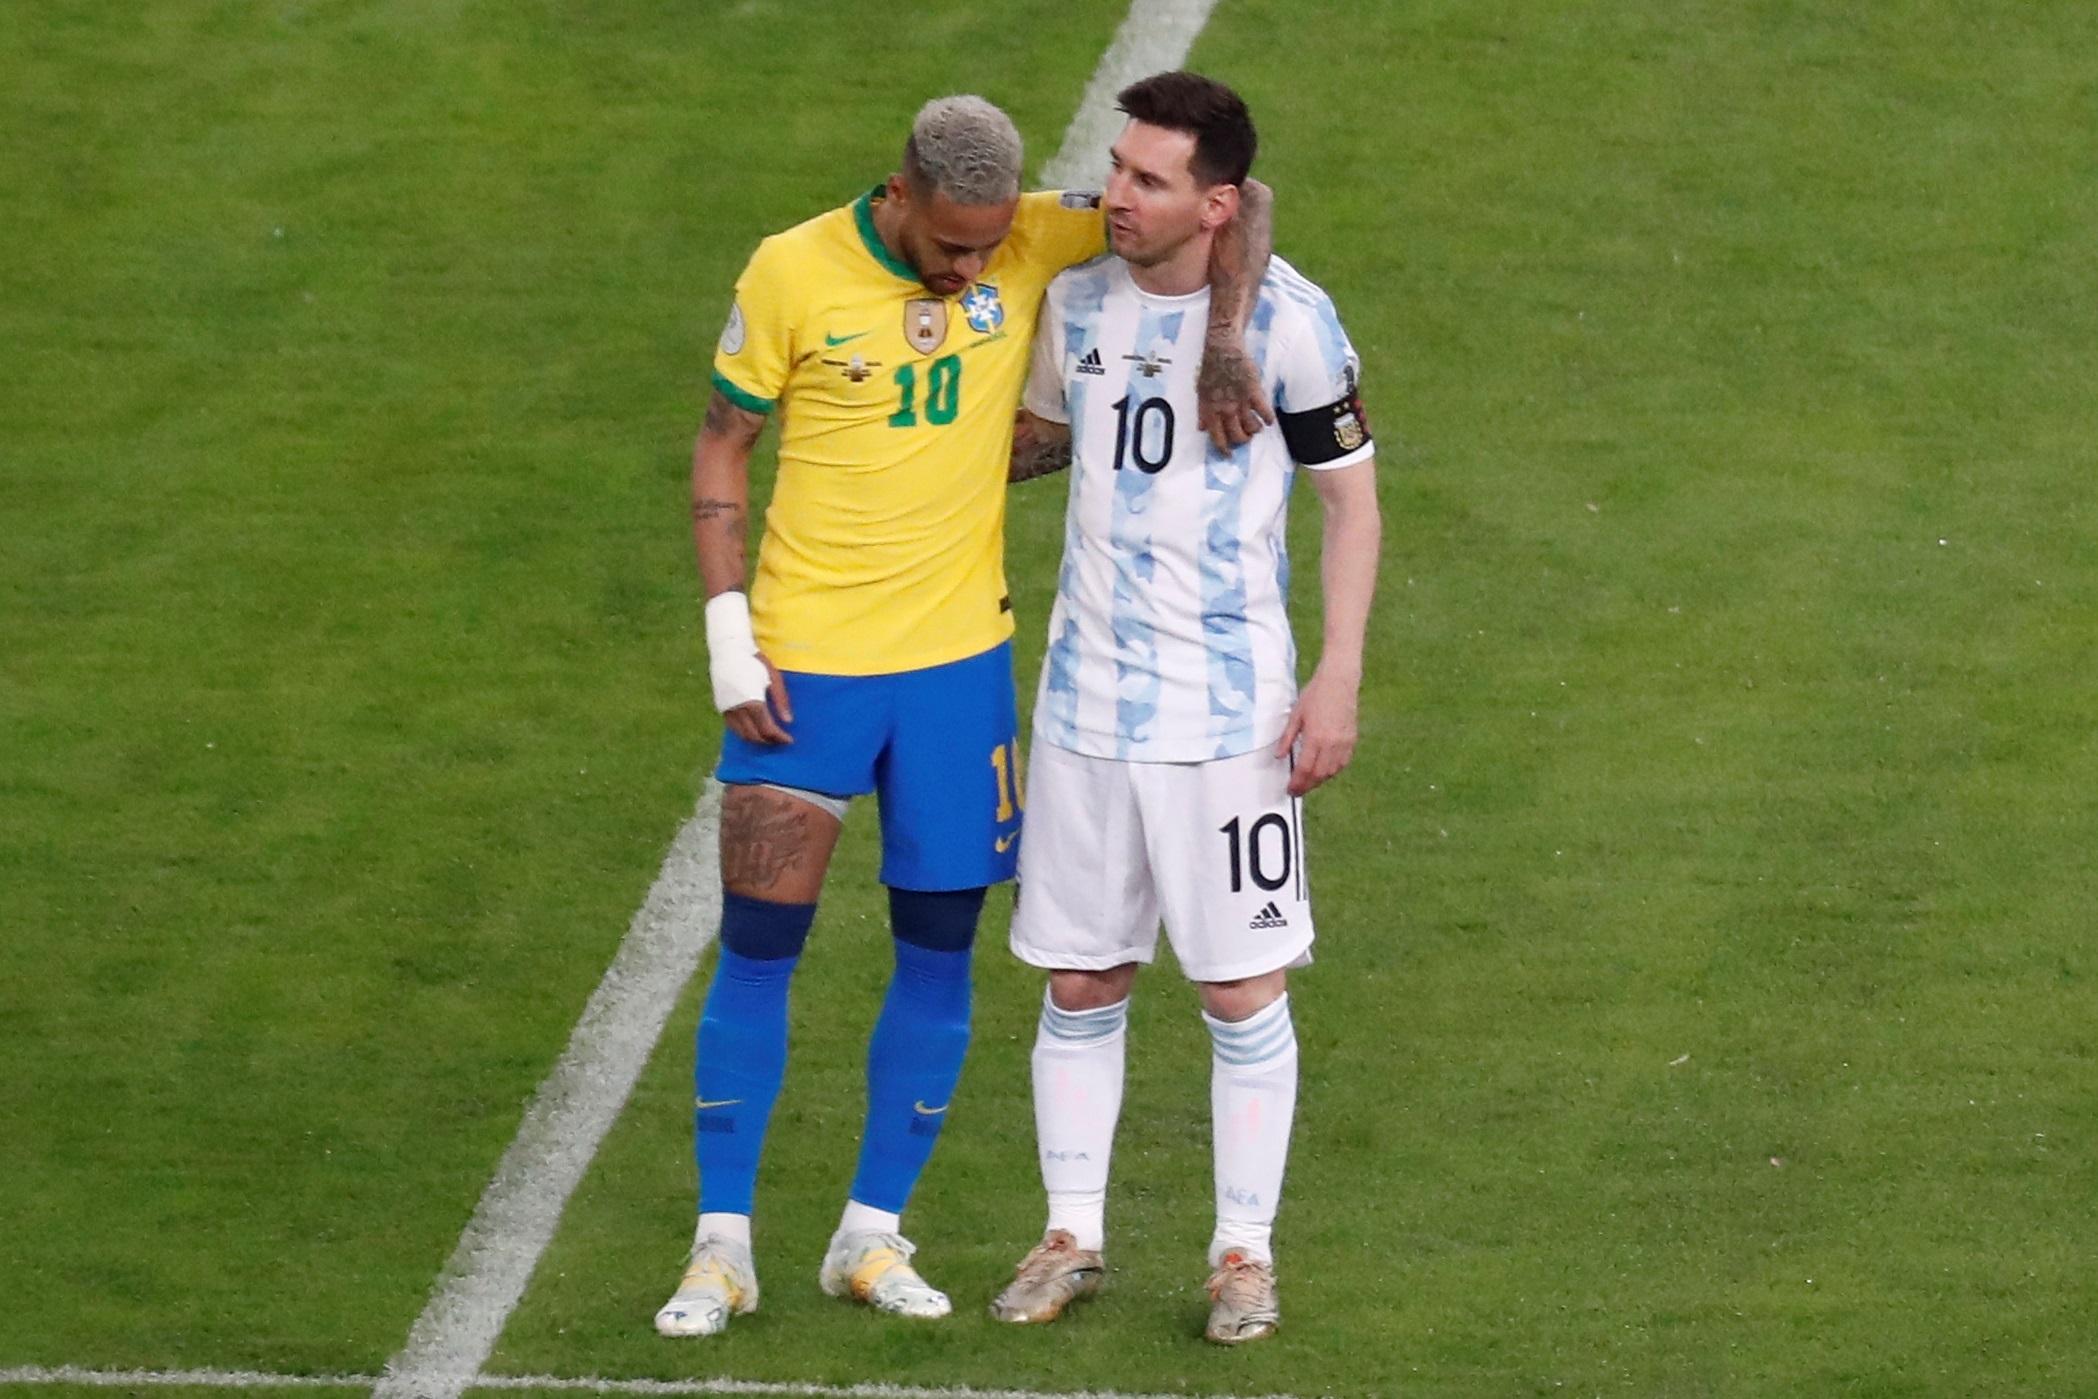 मैच की शुरुआत में नेमार और मेसी एक साथ नजर आए। दोनों एक ही क्लब बार्सिलोना के लिए खेल चुके हैं।